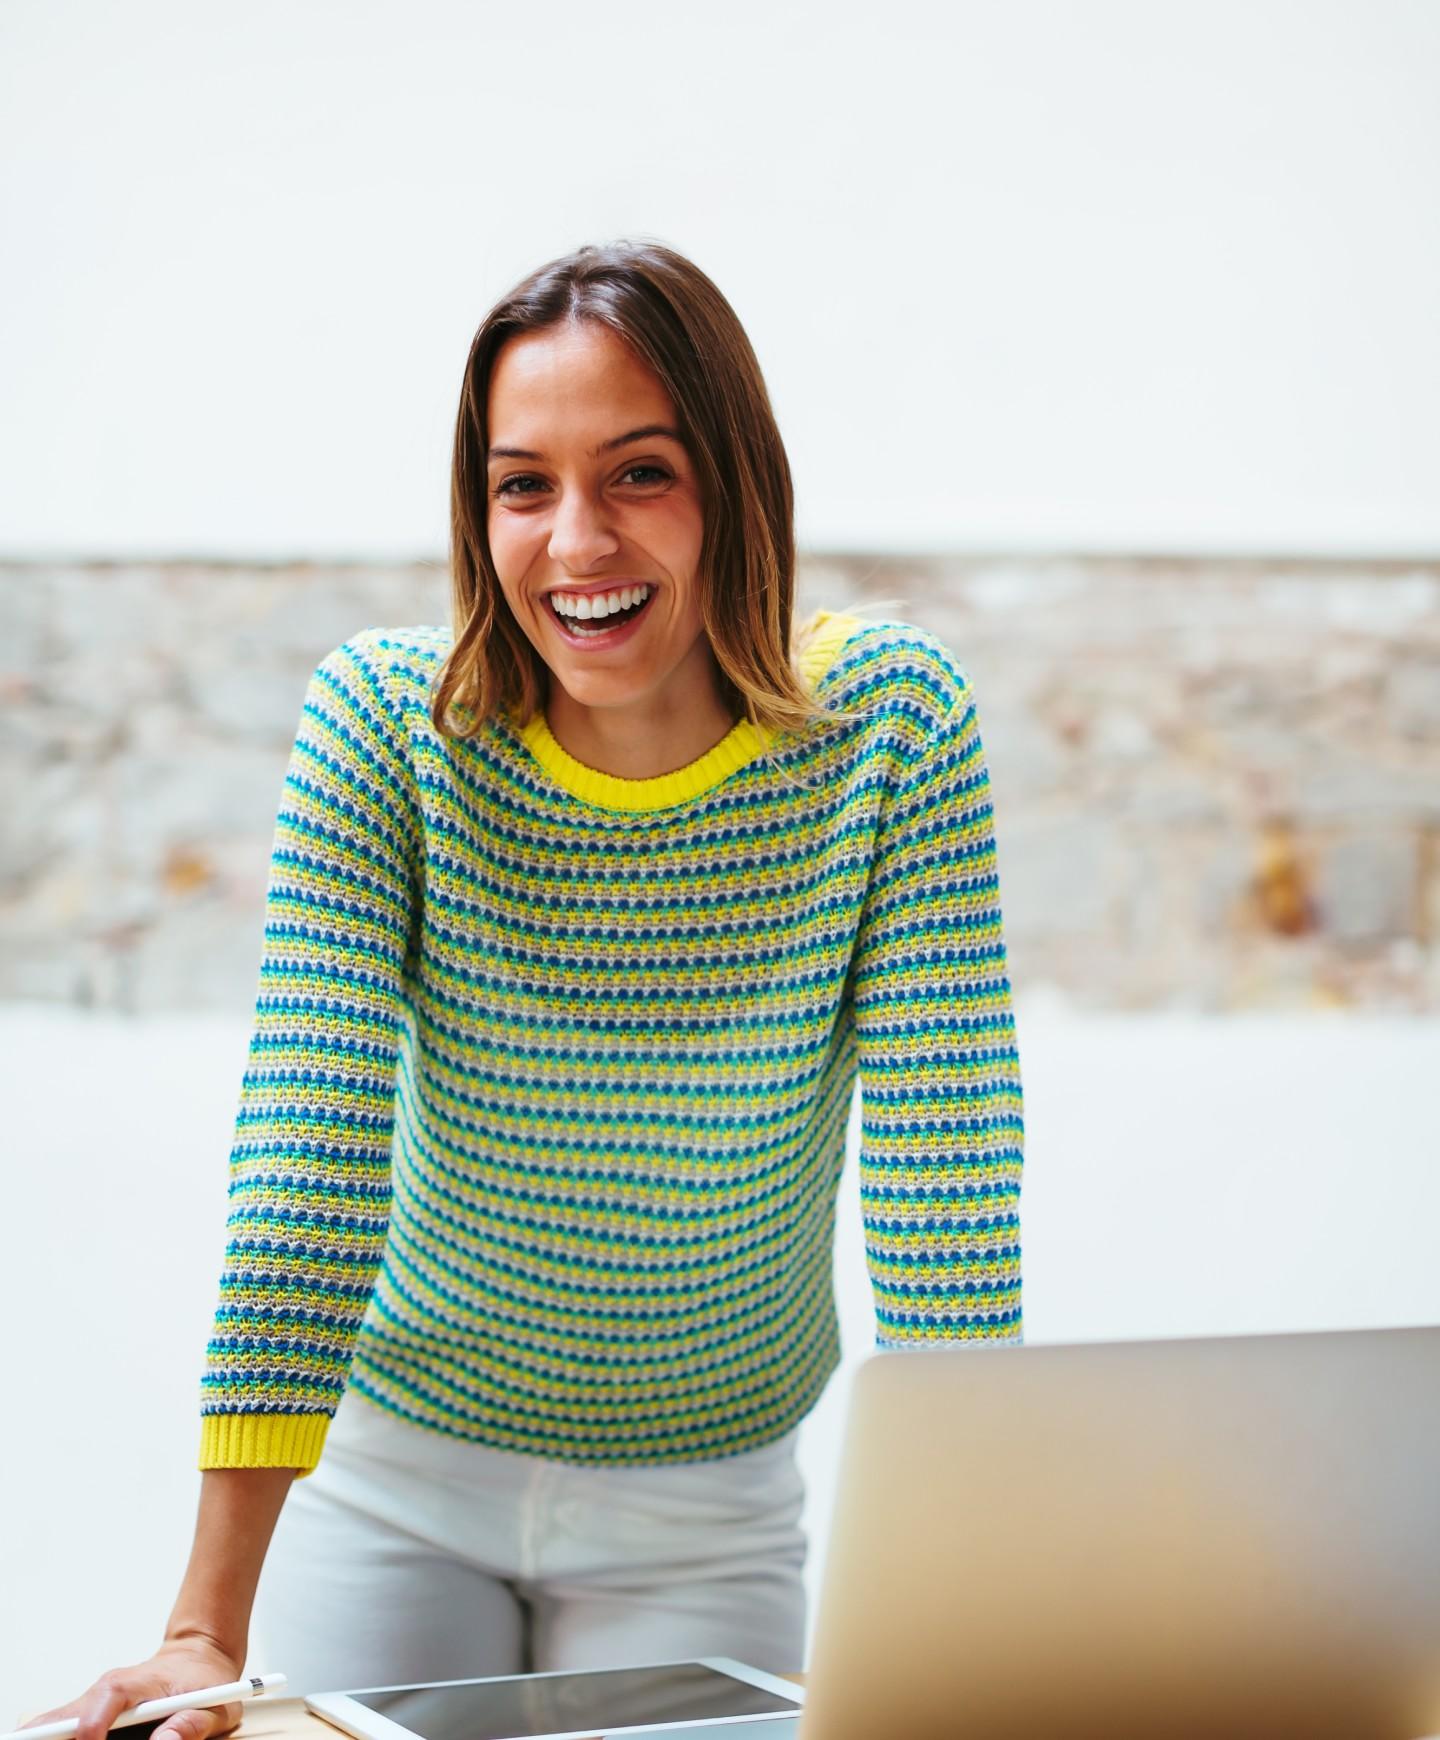 一张穿着条纹毛衣的微笑女人的照片